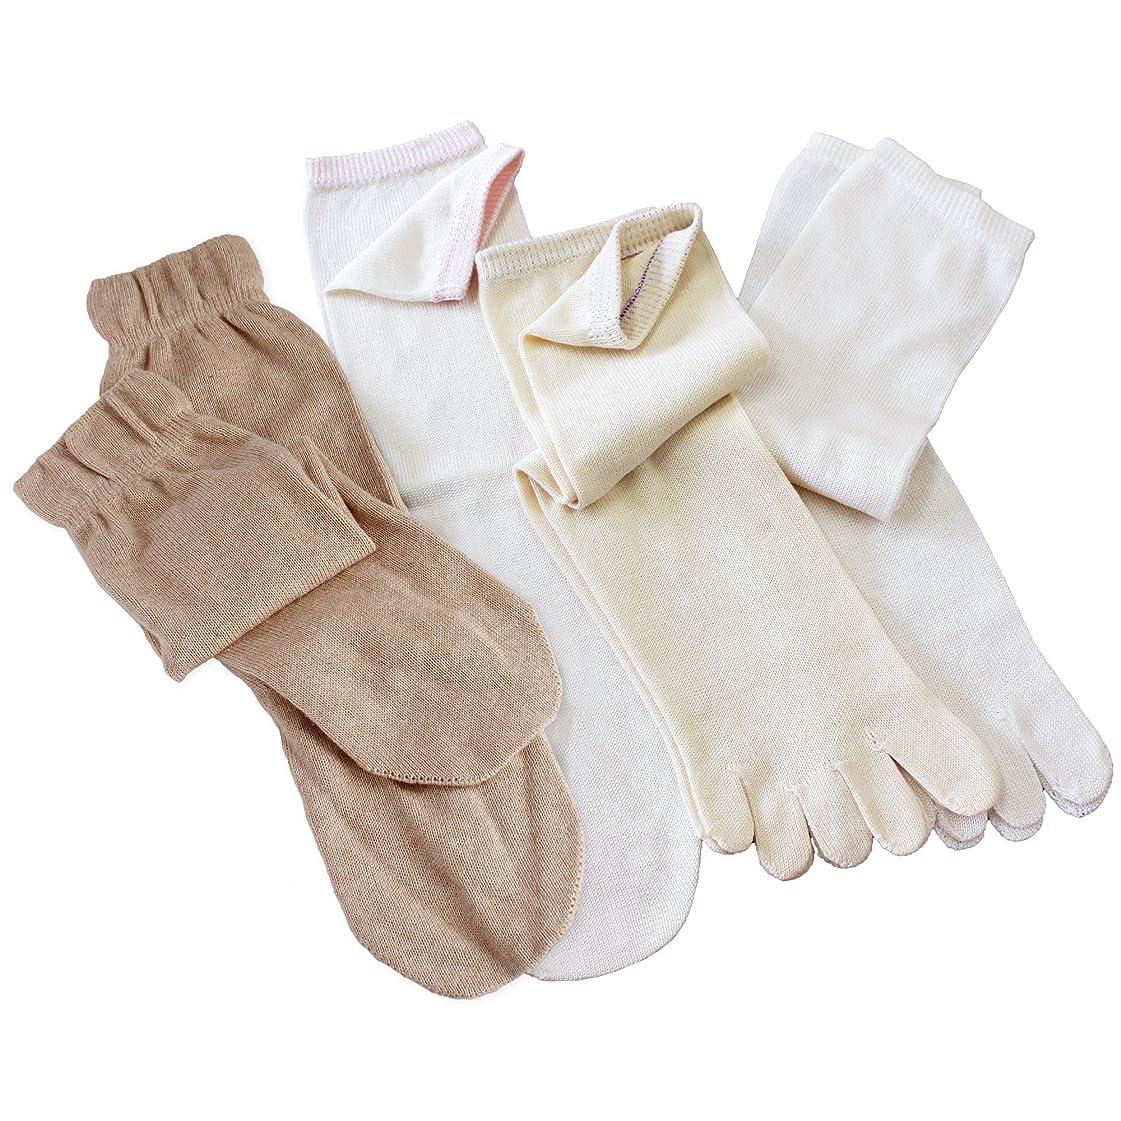 タイルモスボスhiorie(ヒオリエ) 日本製 冷えとり靴下 シルク&コットン 5本指ソックス(重ねばき専用 4足セット) 正絹 綿